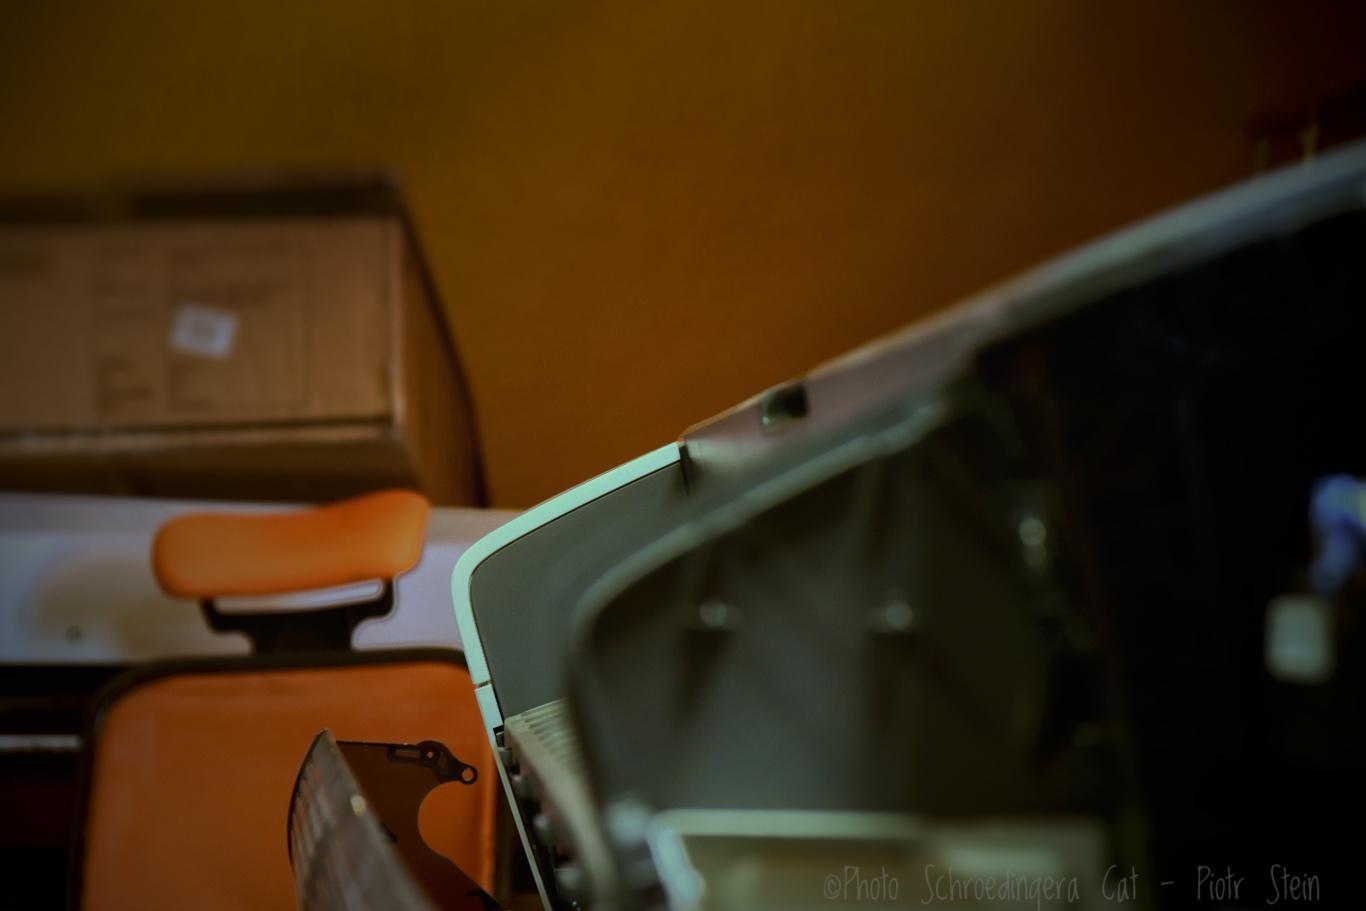 Techniczna obsługa i naprawa ploterów. © Zdjęcie za zgodą Akte.com.pl i autora @PhotoSchroedingerCat